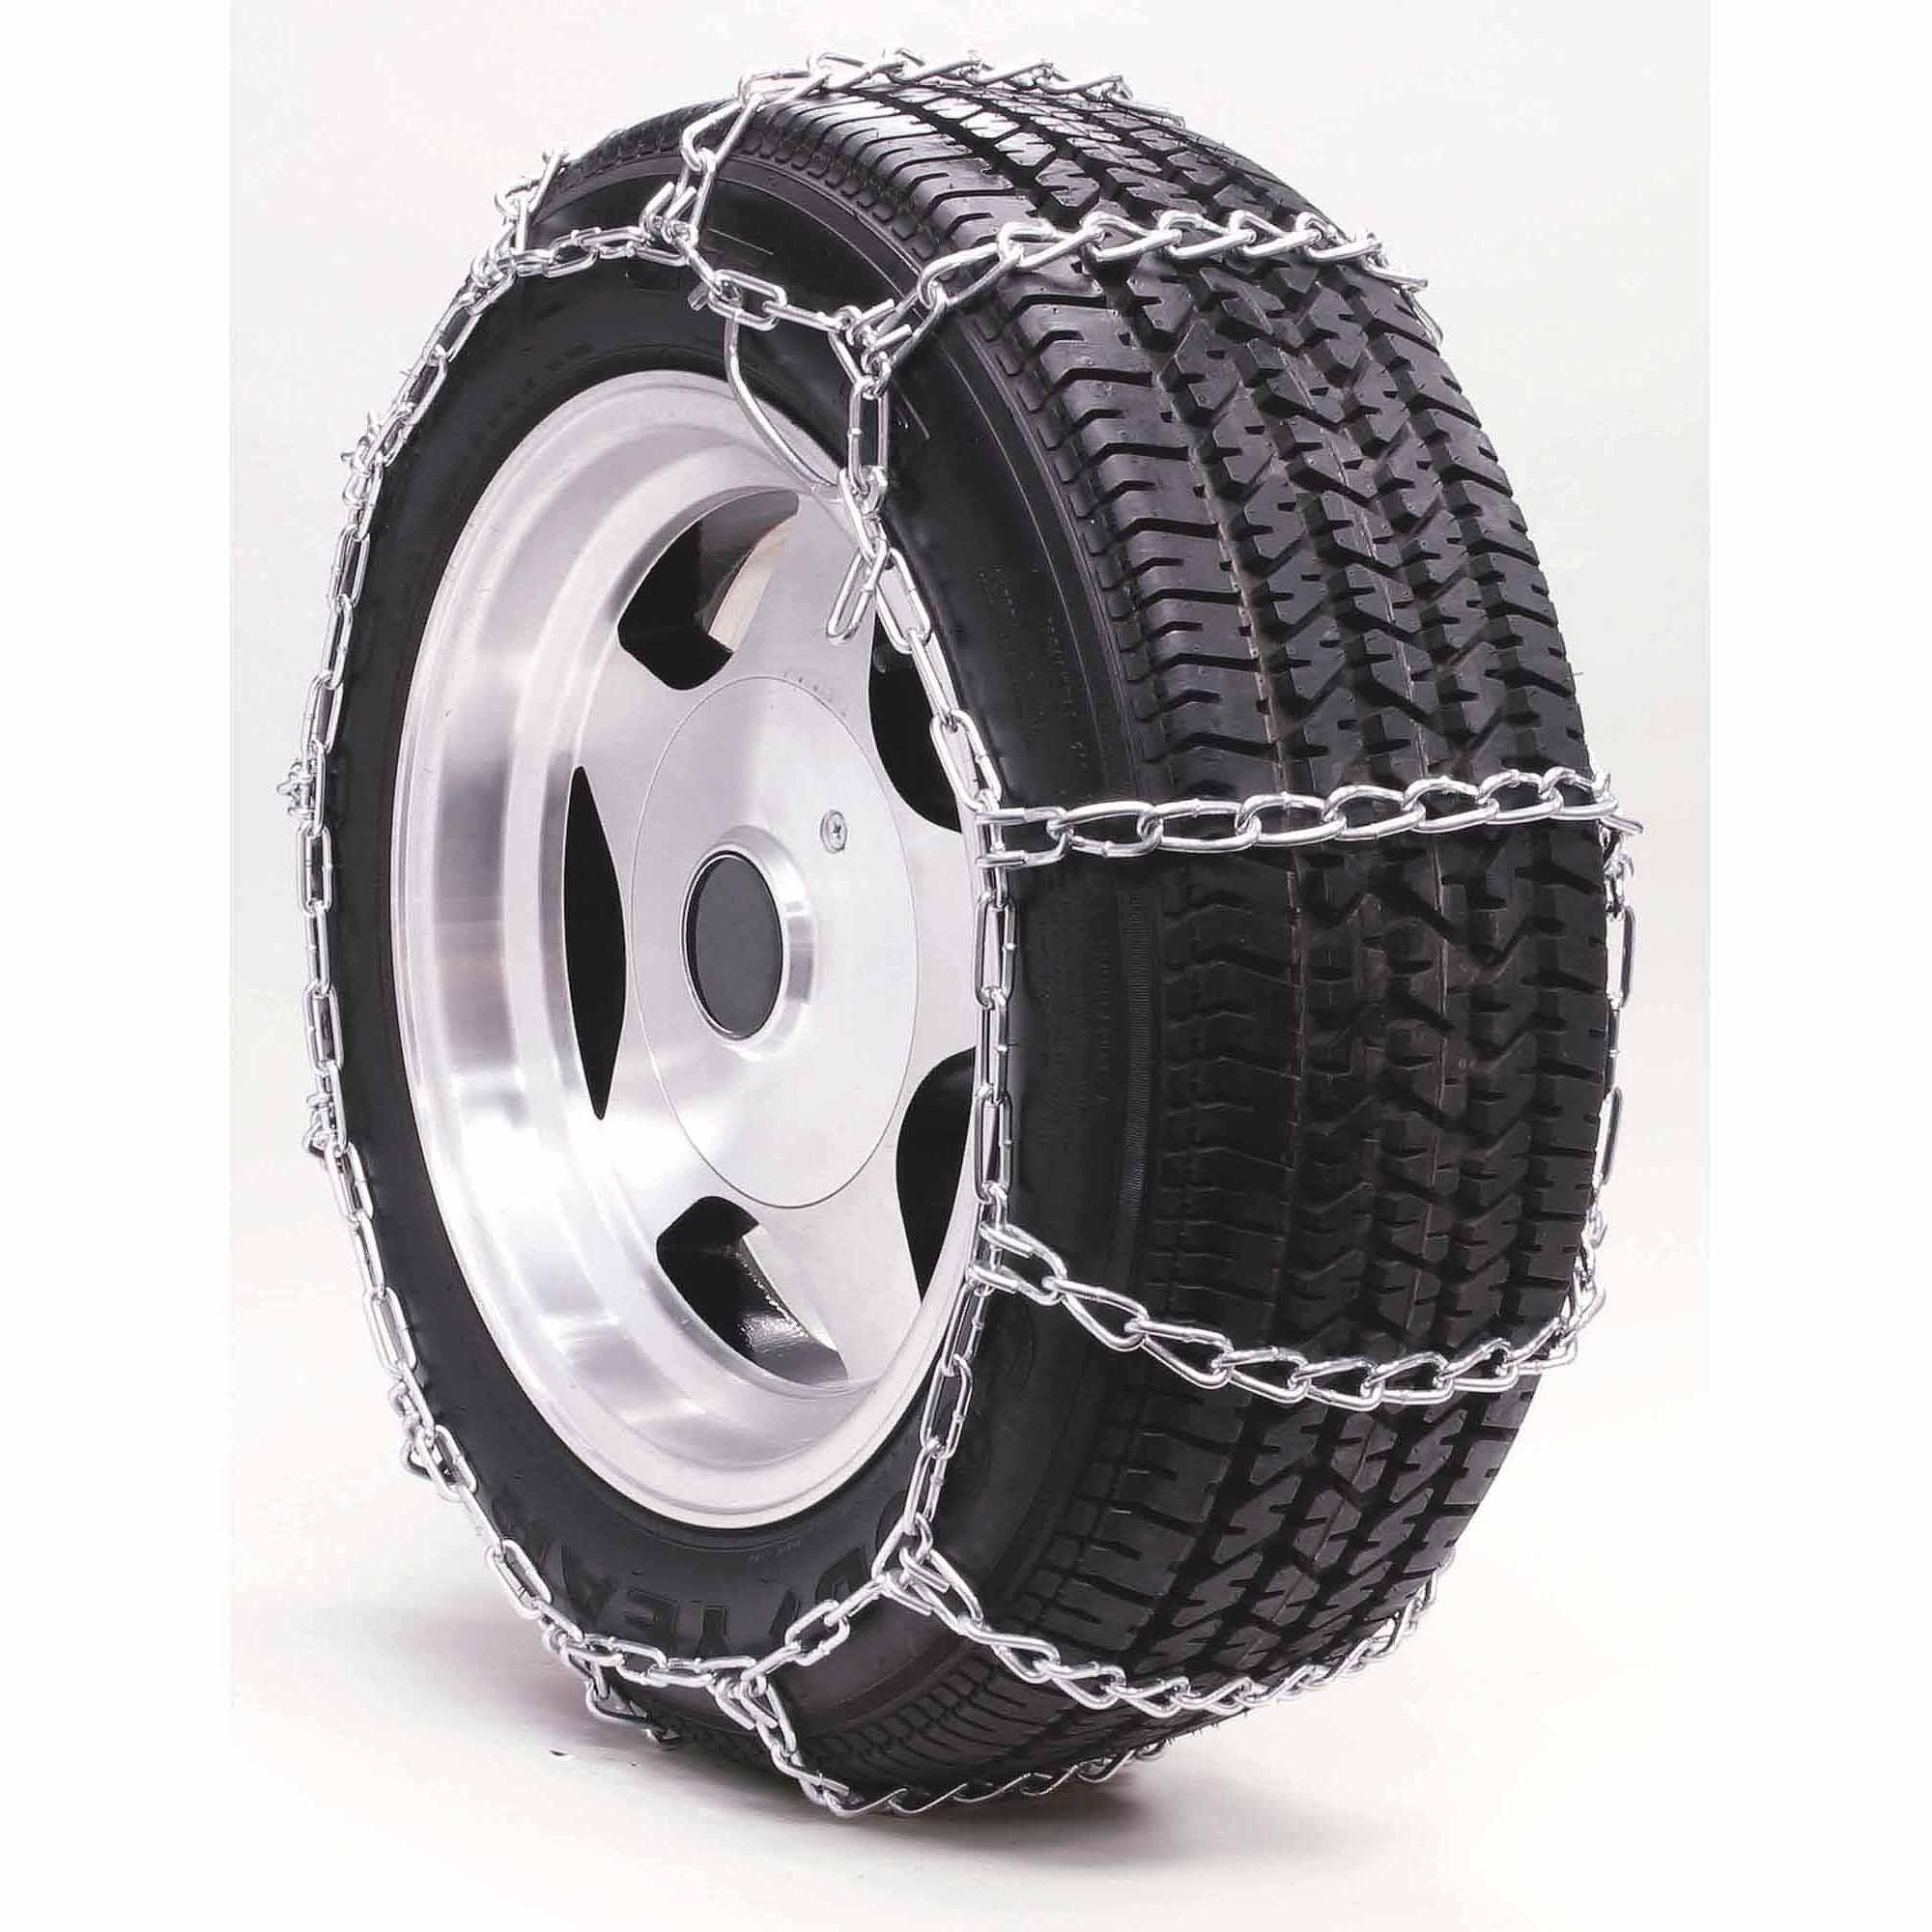 Peerless Chain Passenger Tire Chains, #0112210